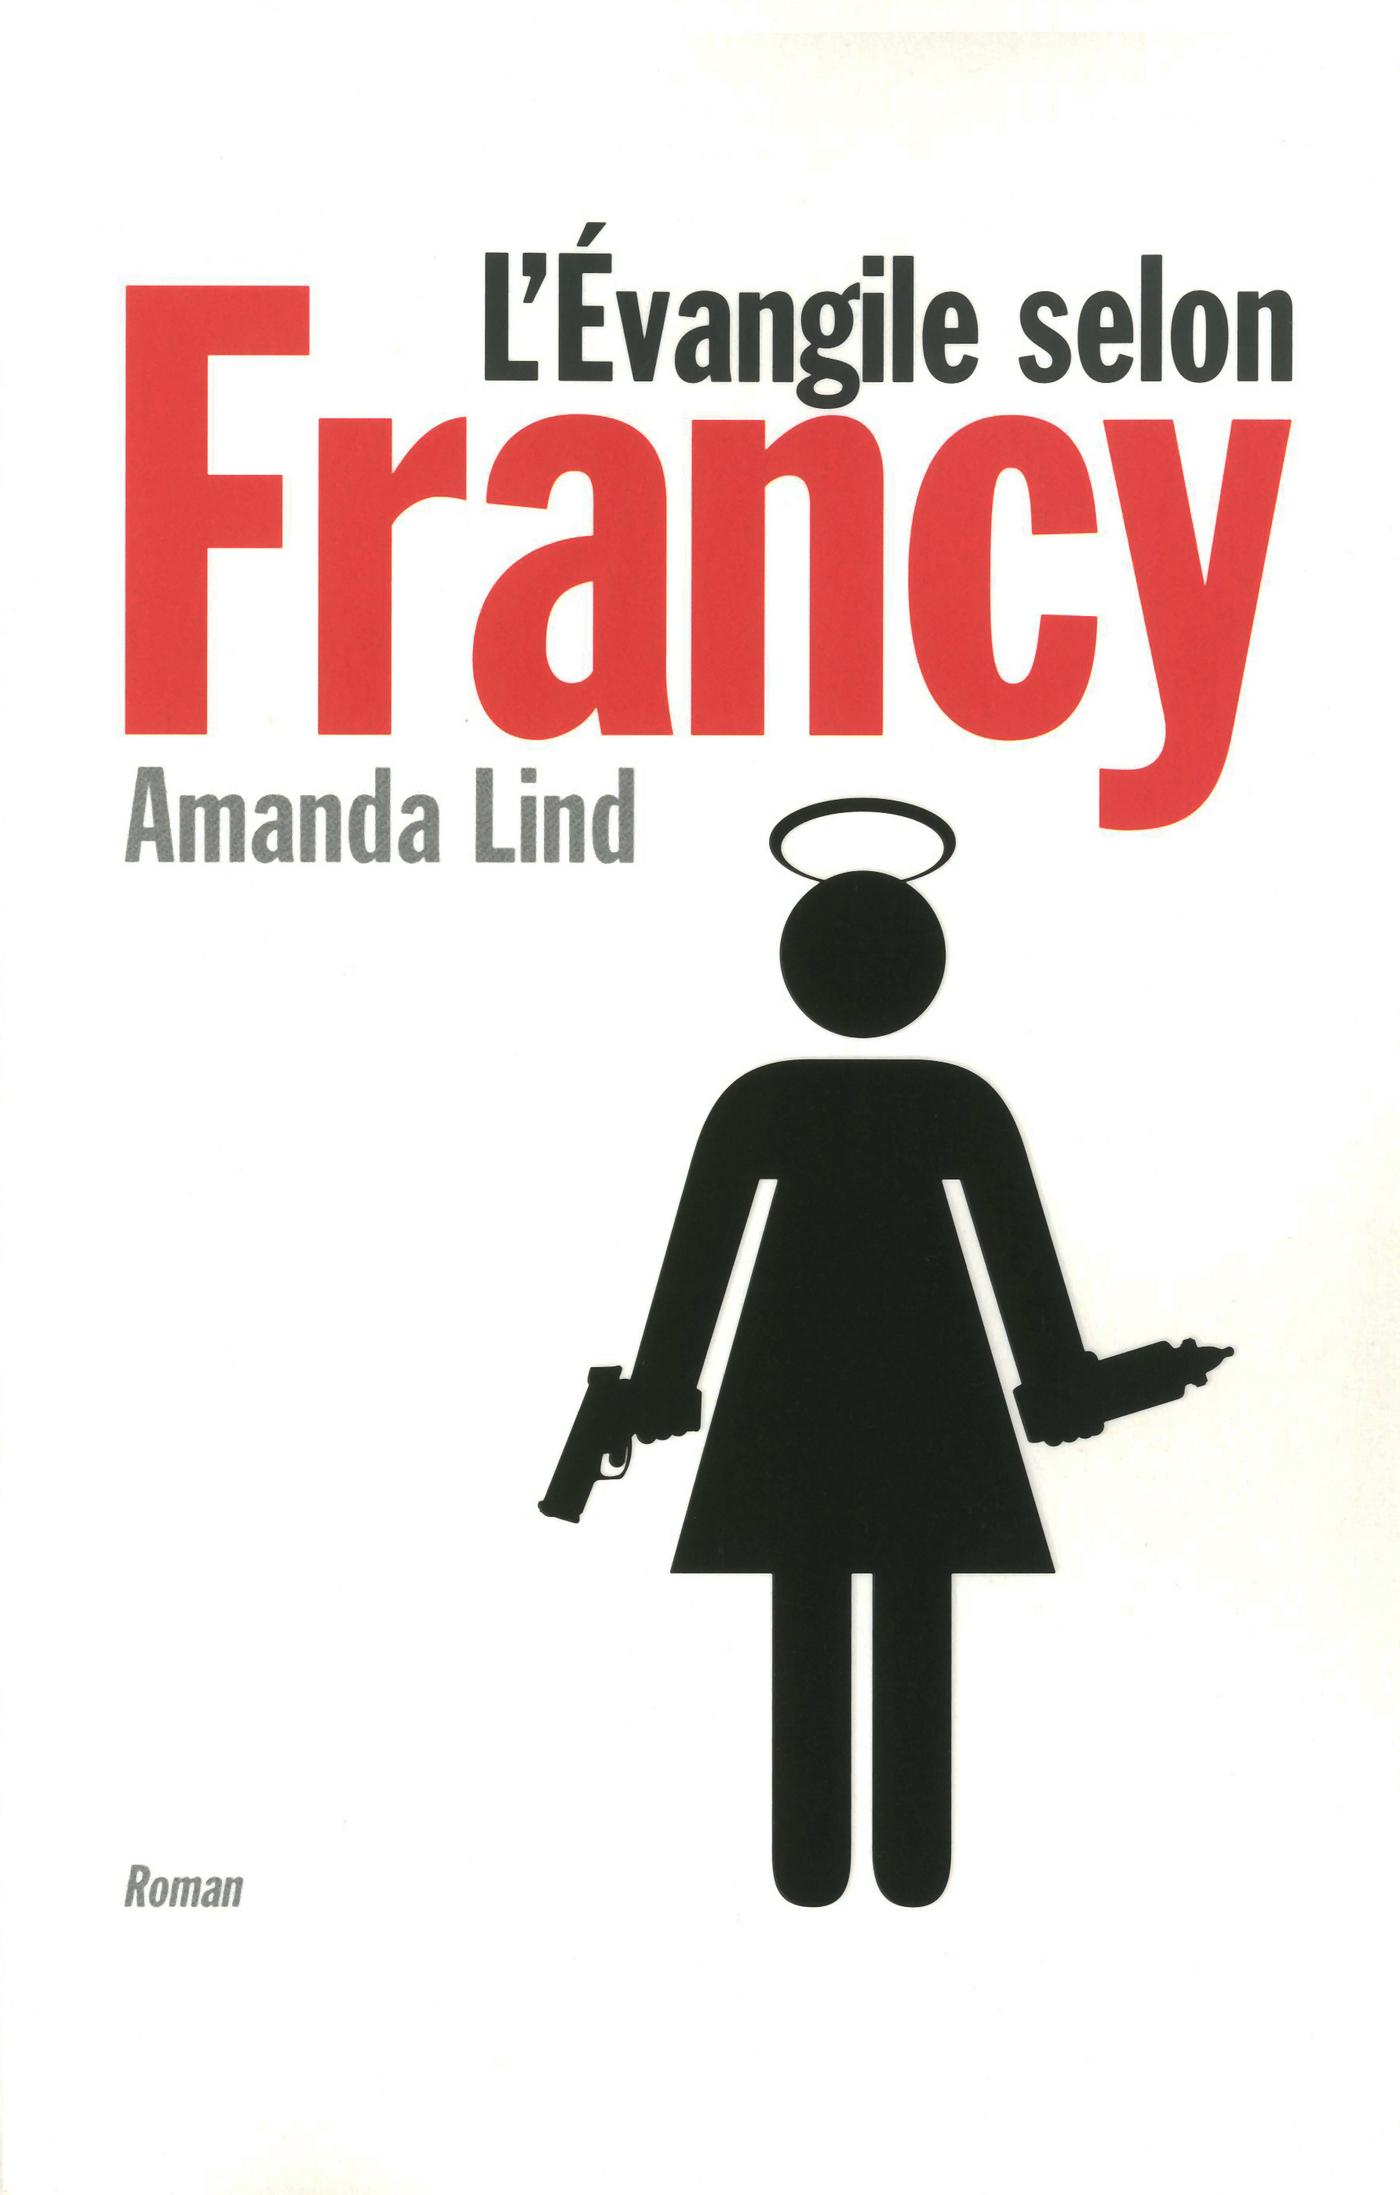 L'Evangile selon Francy